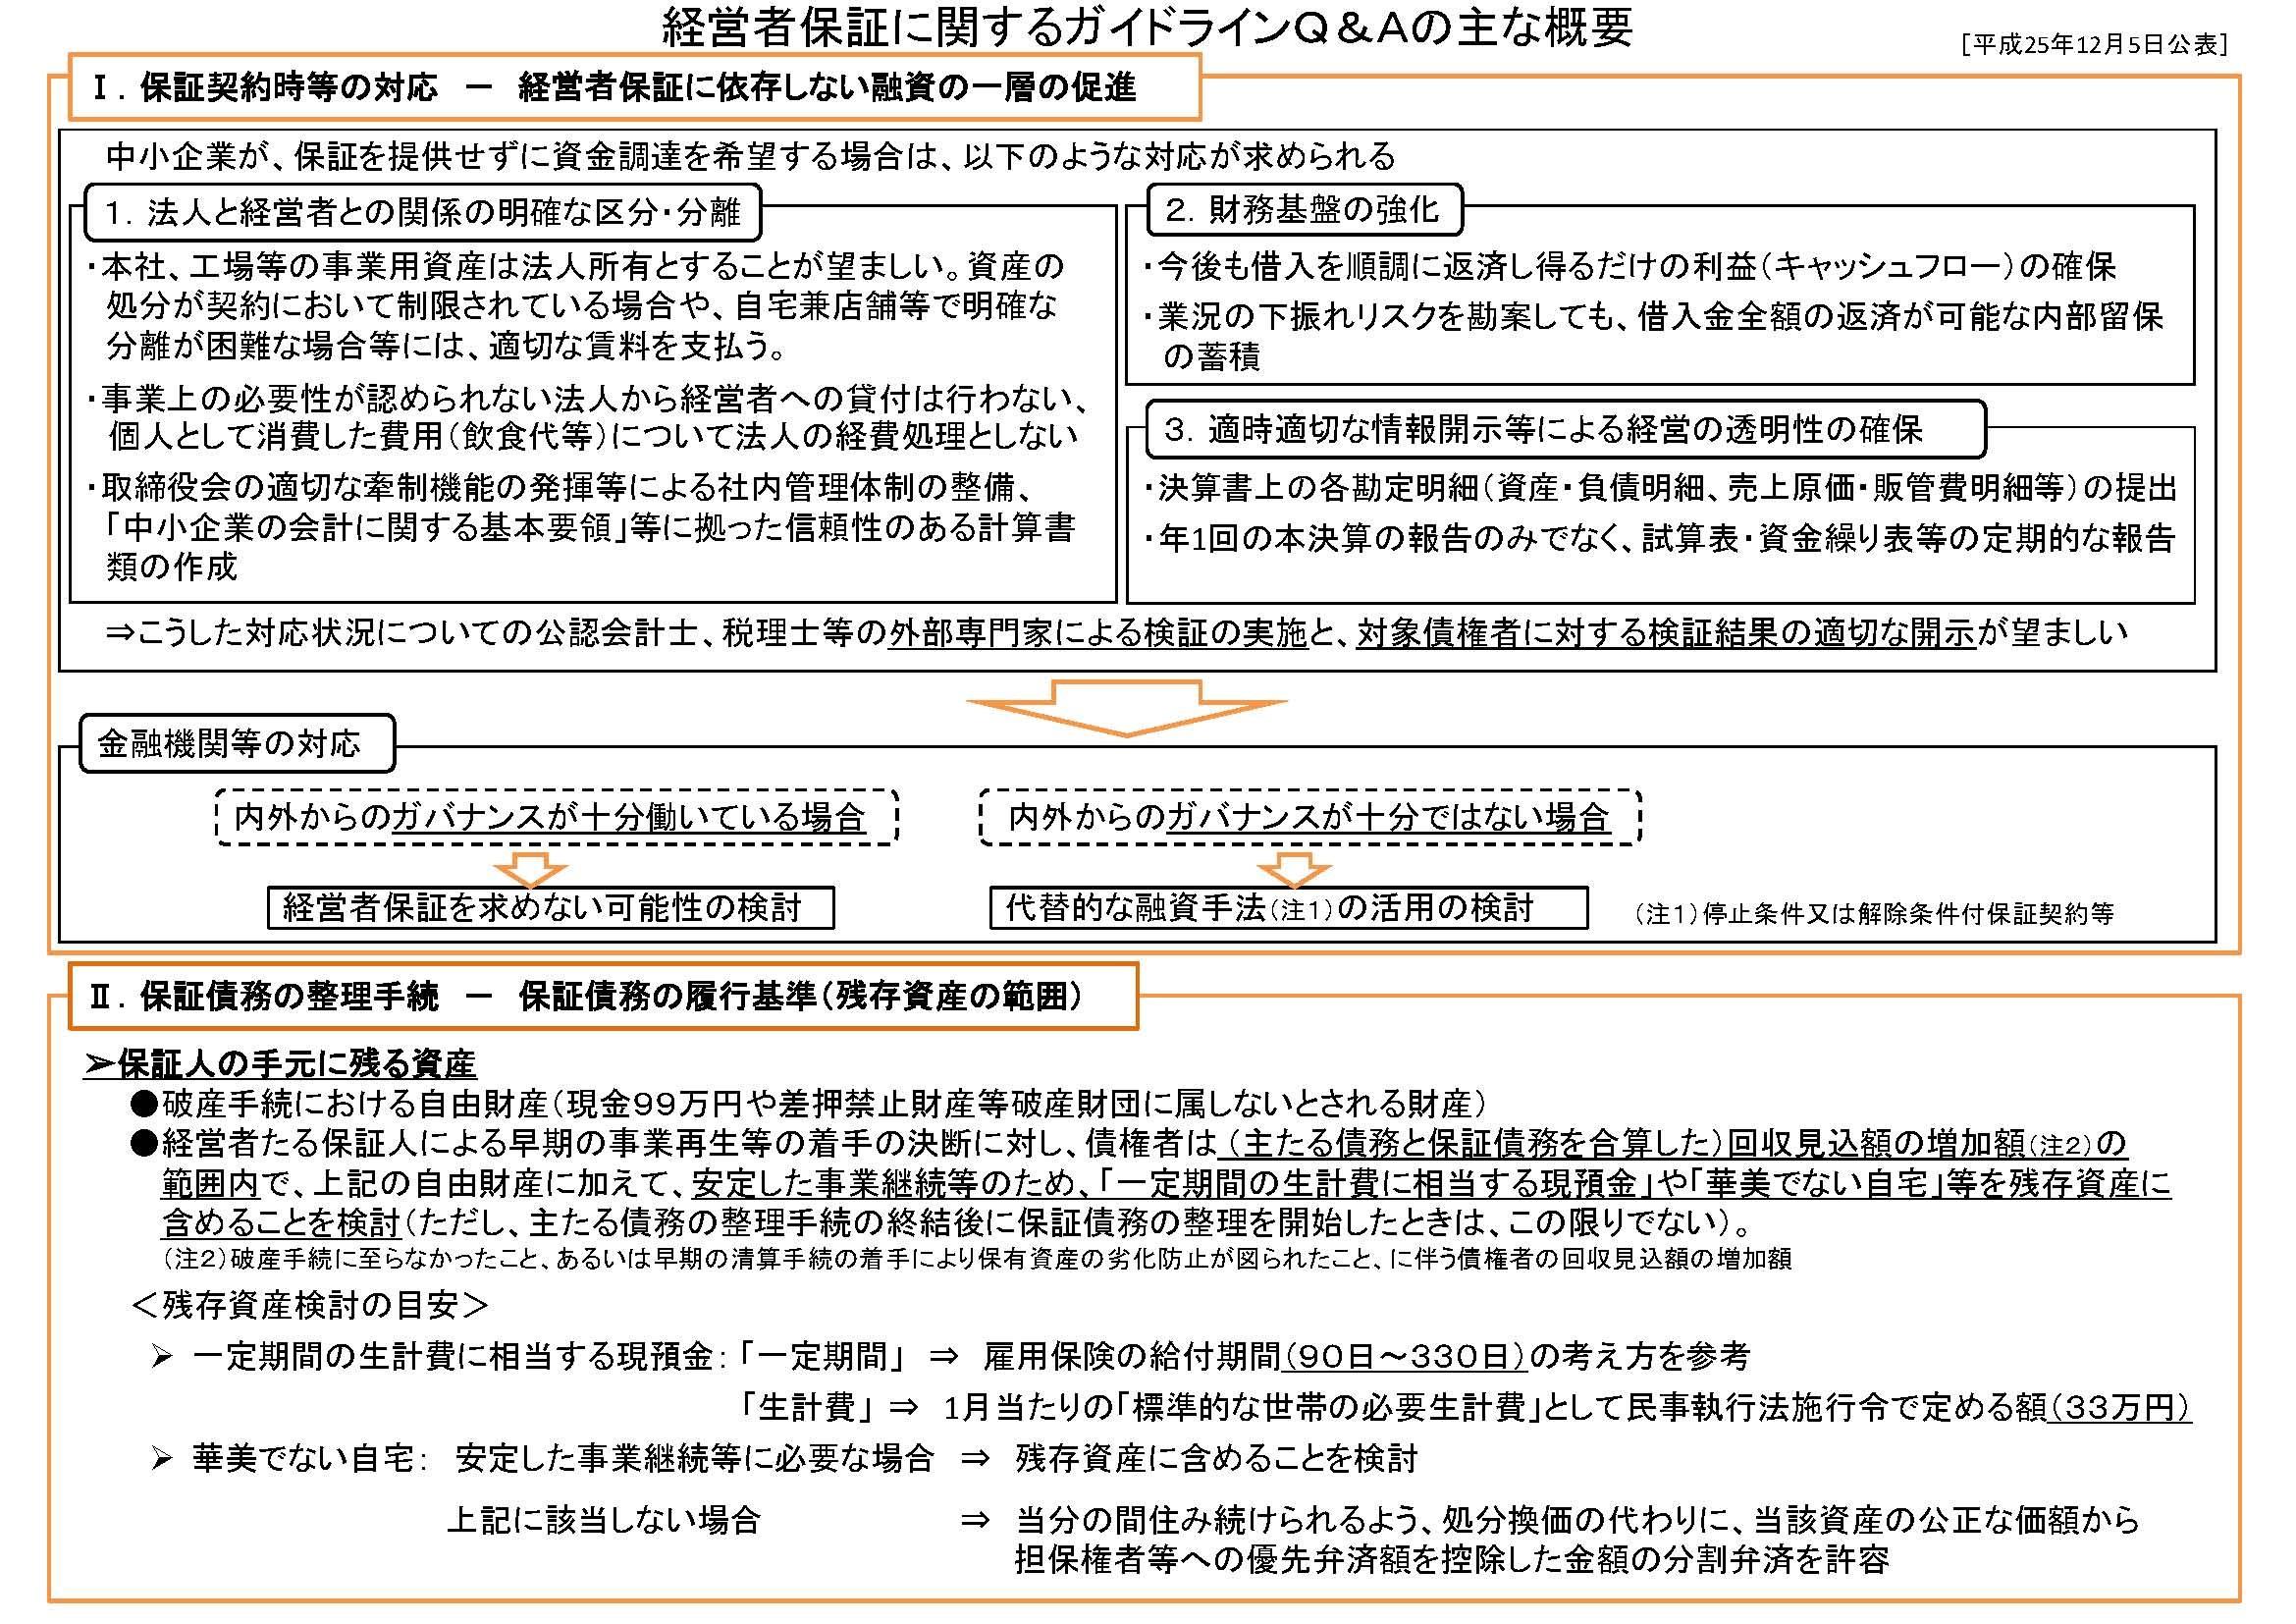 経営者保証ガイドライン概要_ページ_2